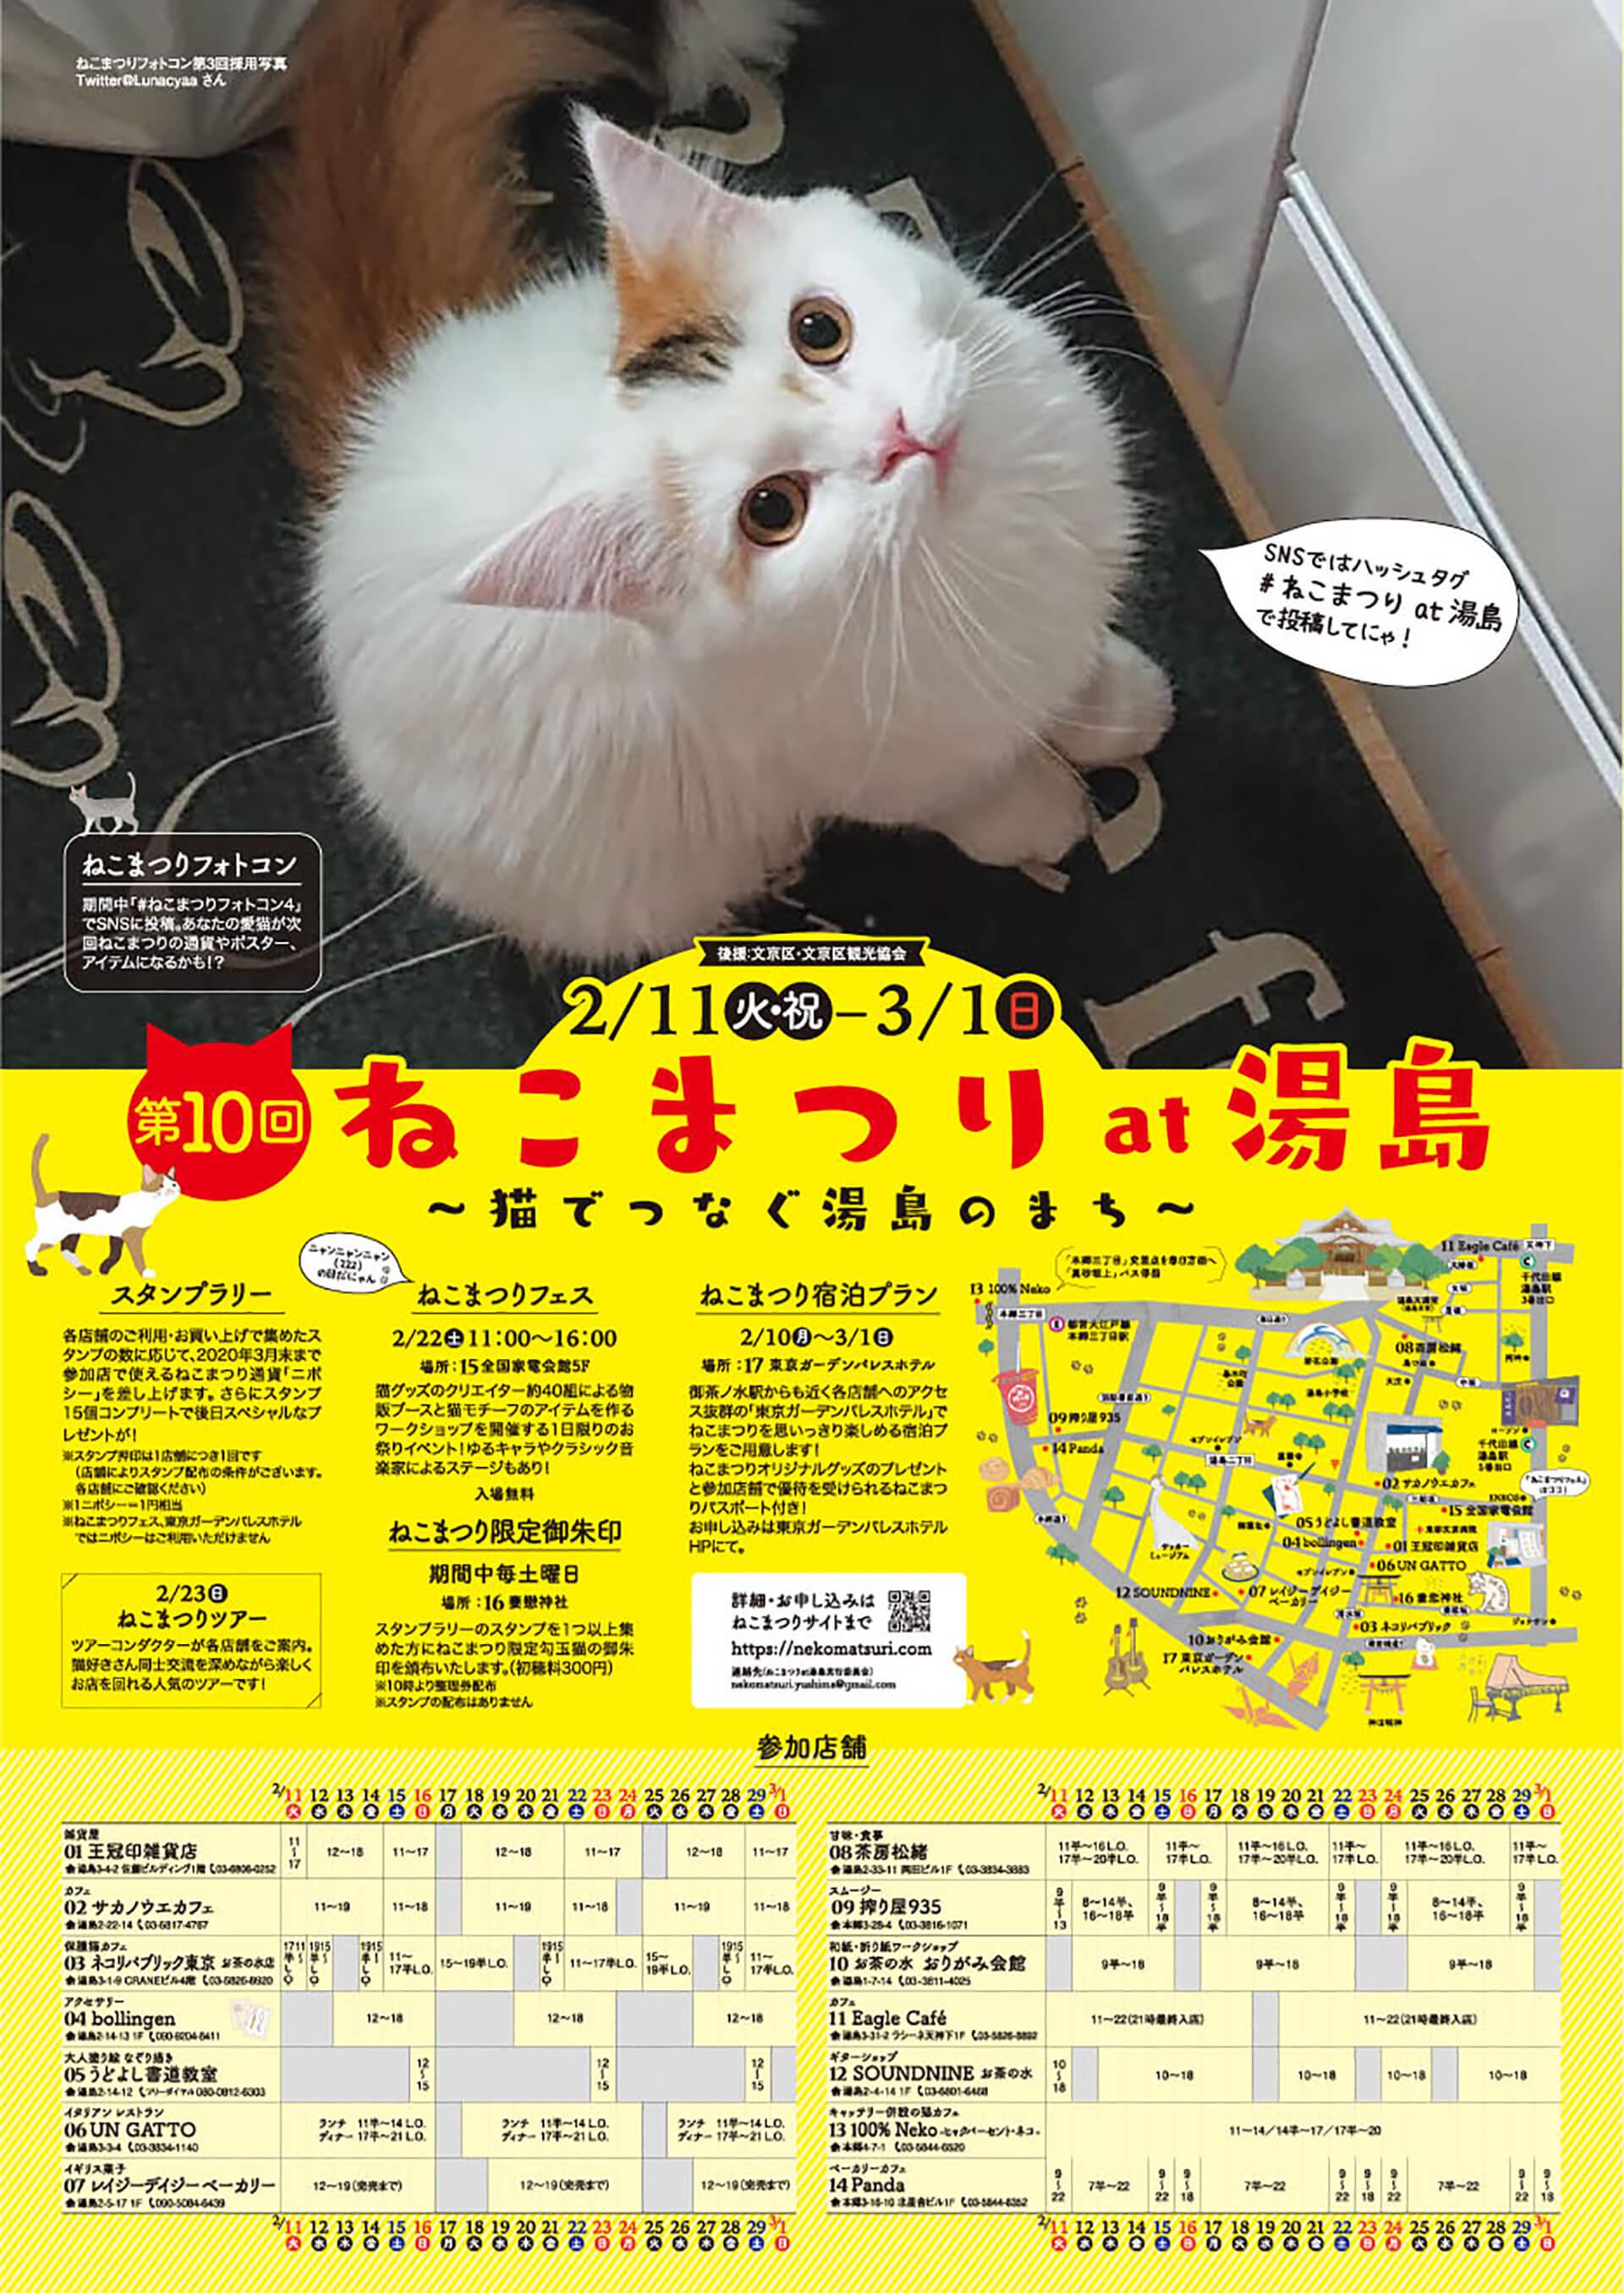 ねこまつり at 湯島・ポスター